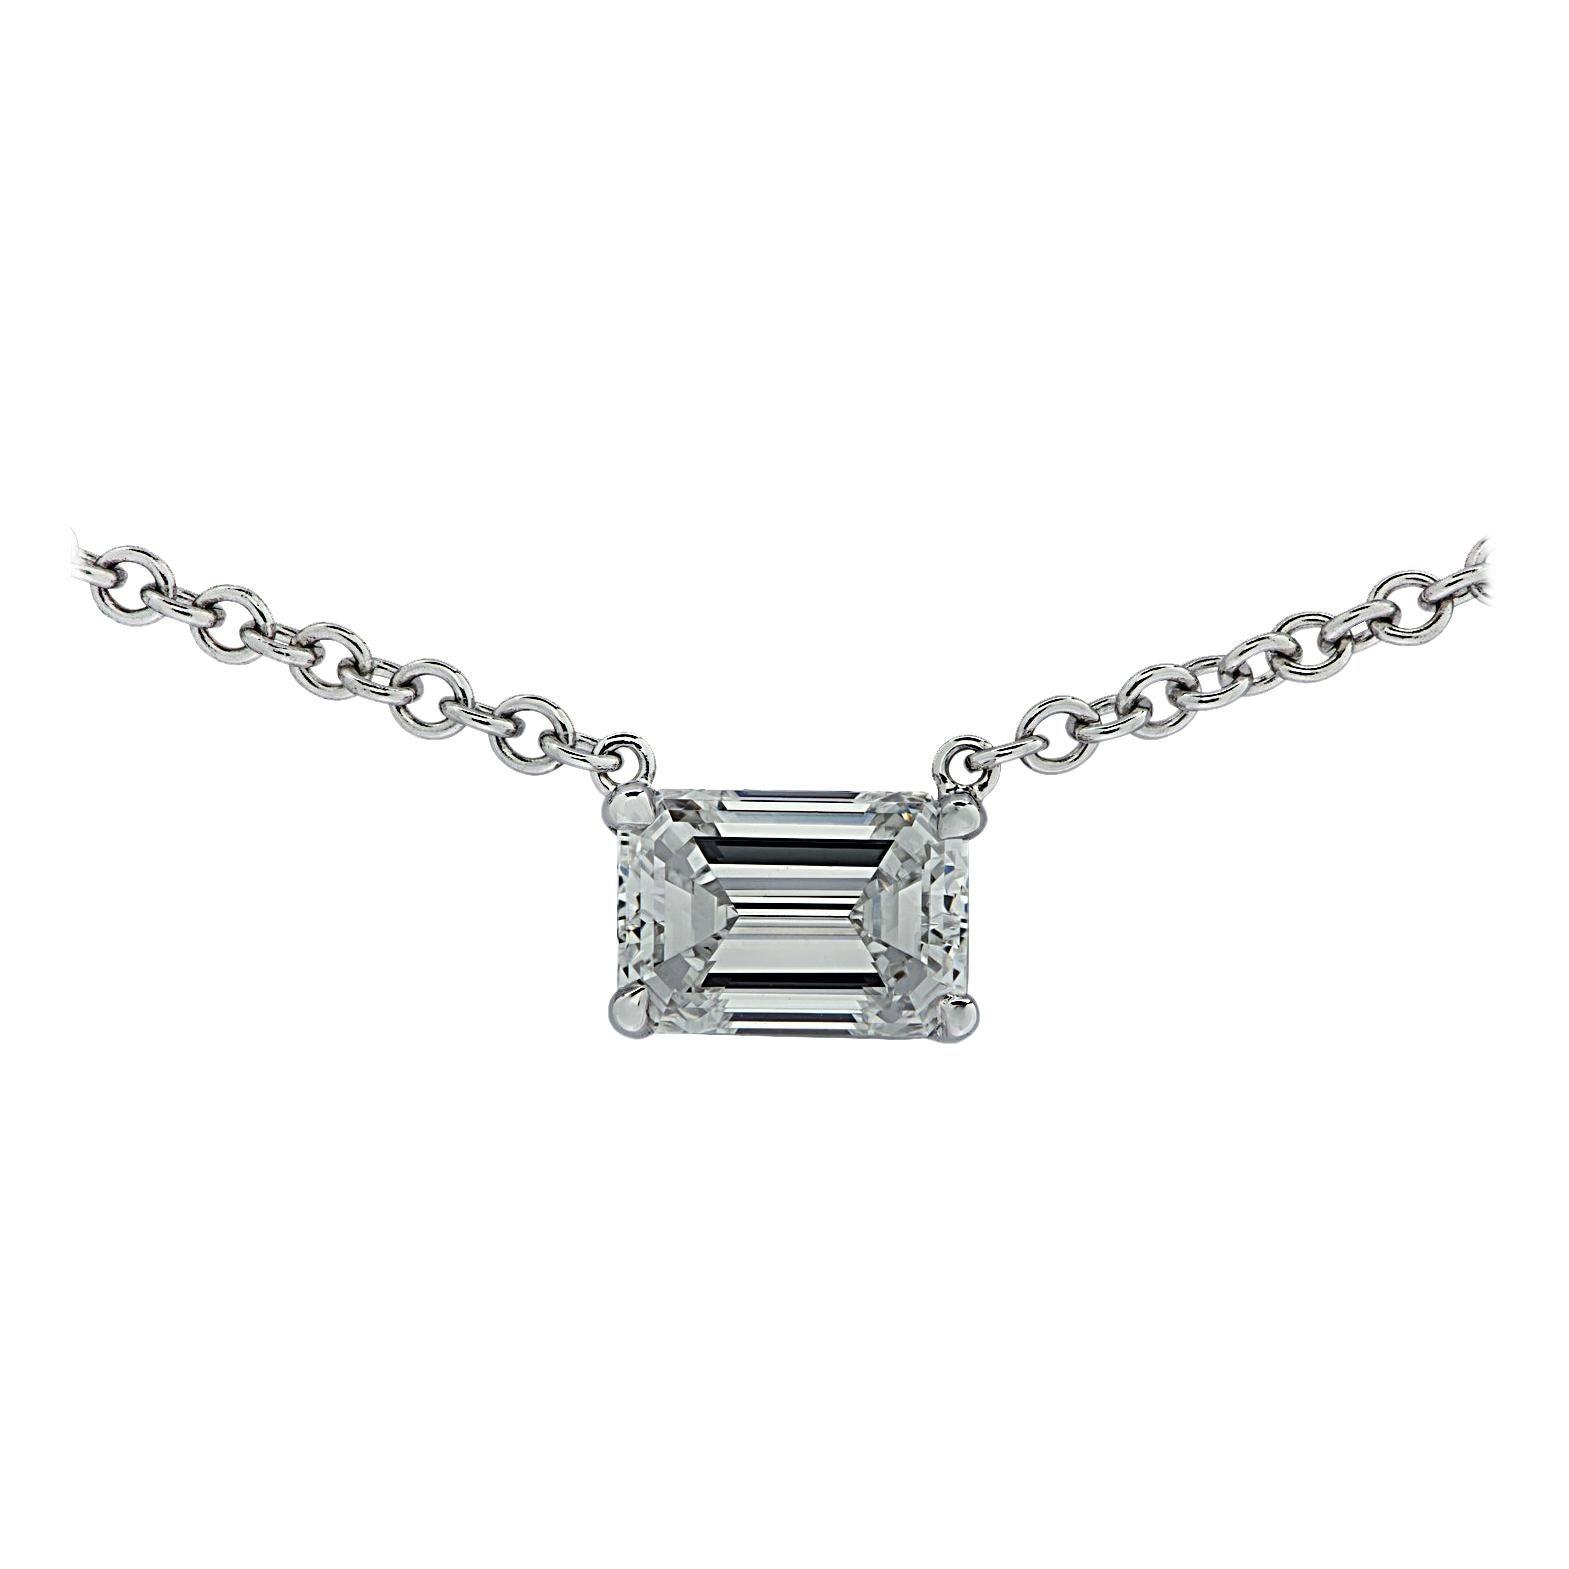 Vivid Diamonds GIA Certified .93 Carat Emerald Cut Diamond Necklace